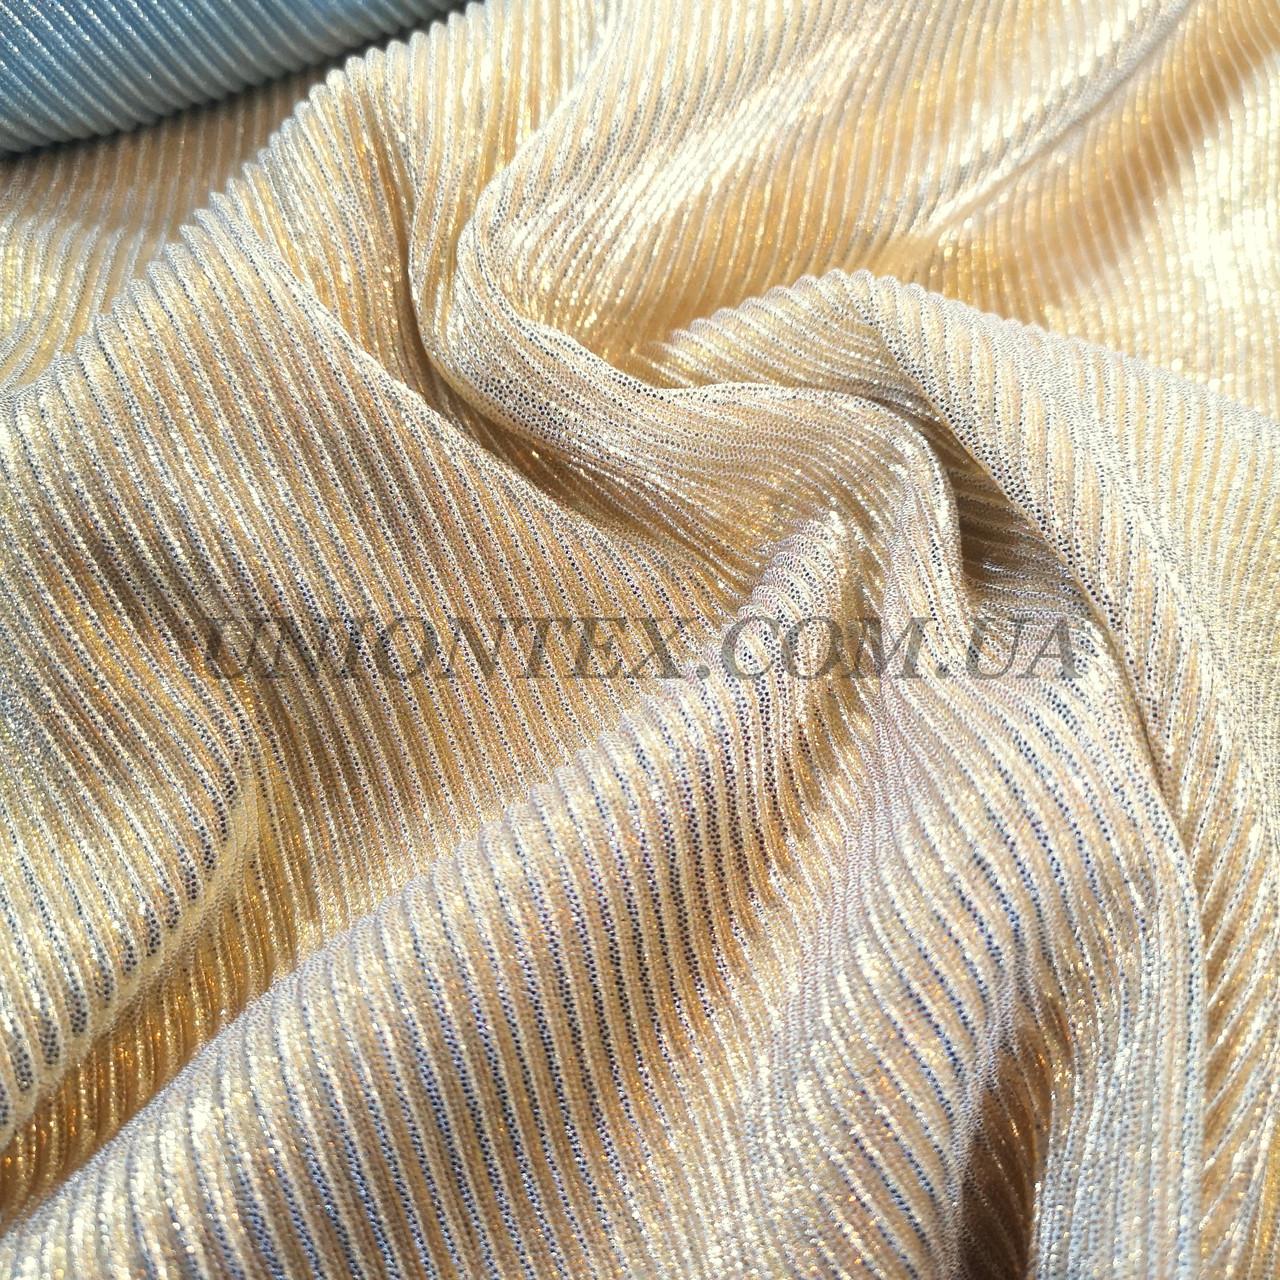 Ткань плиссе купить розница купить ткань для штор дешево в воронеже